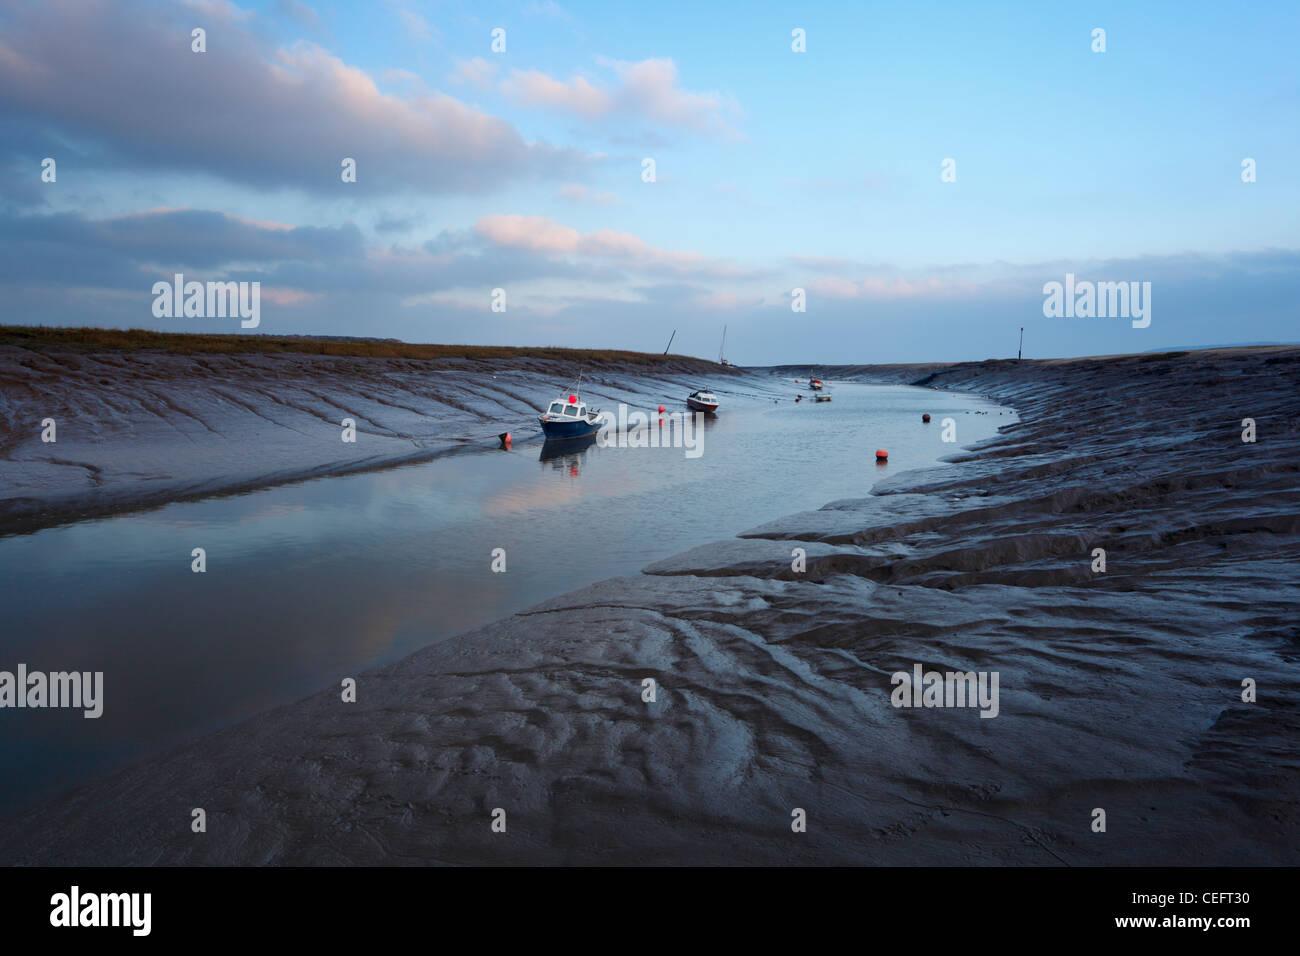 Il fiume Ax con la bassa marea. Weston-super-mare. Somerset. In Inghilterra. Regno Unito. Immagini Stock